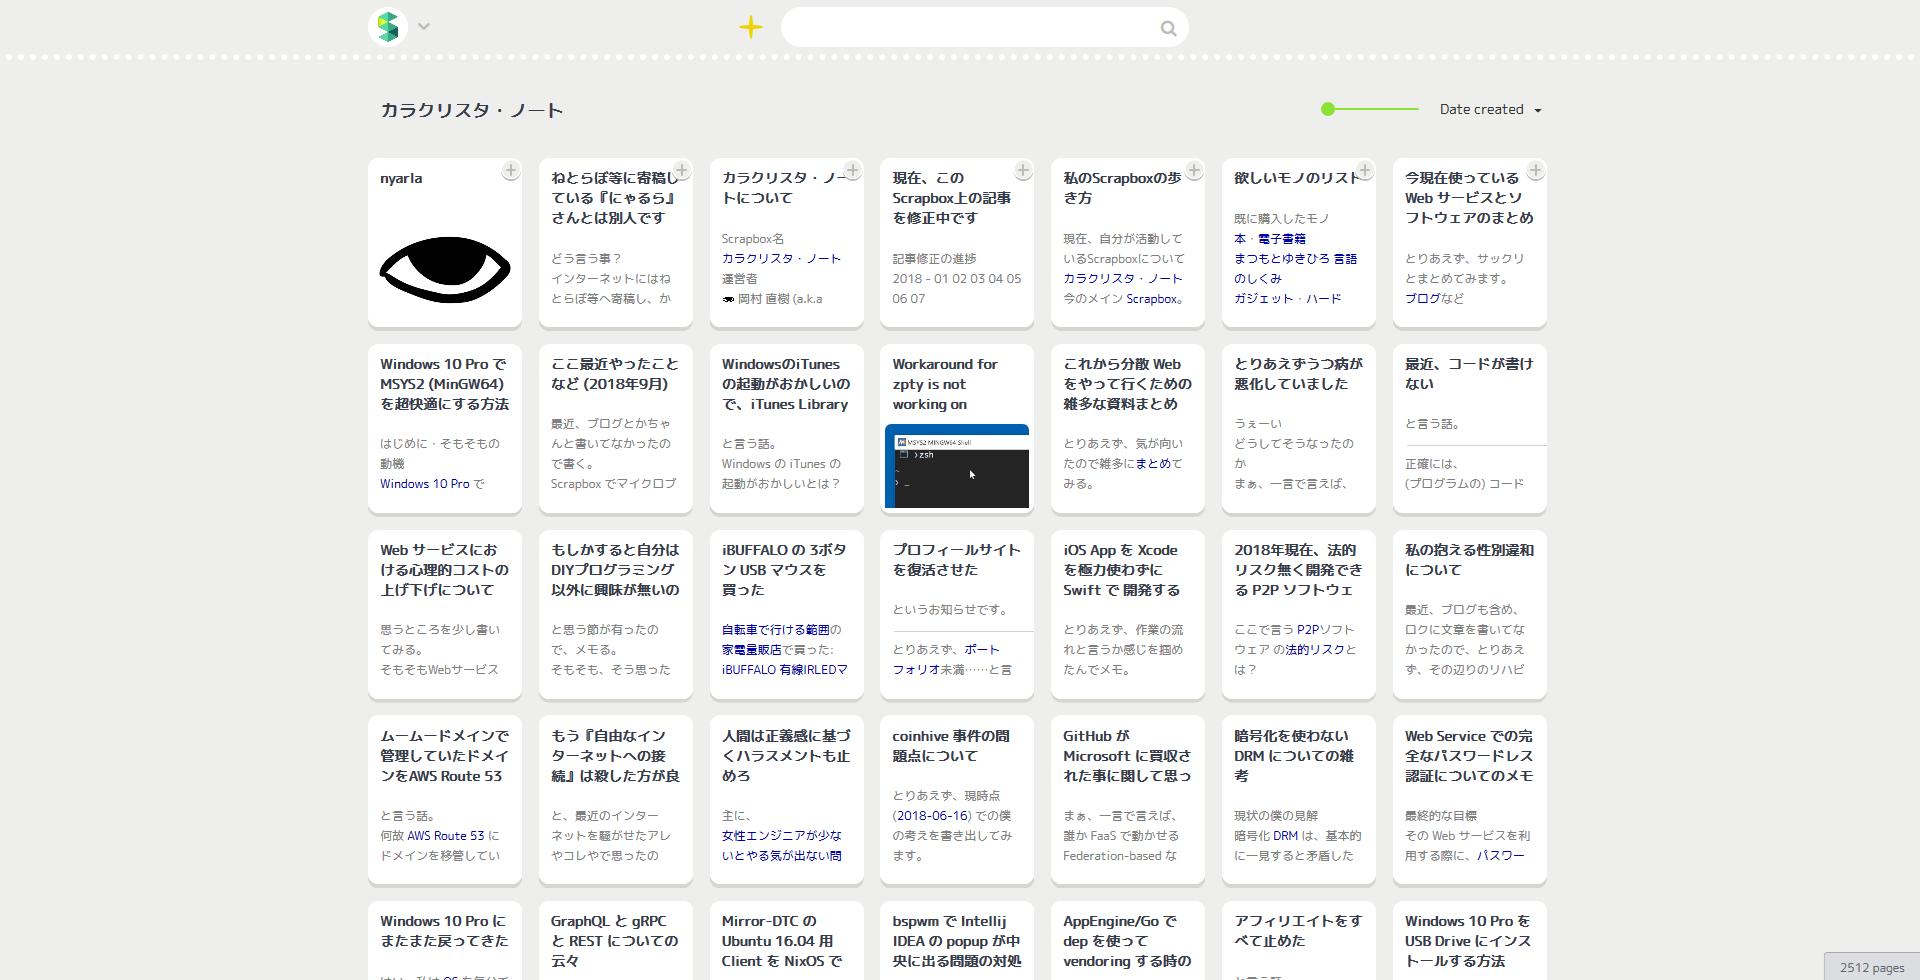 今のメインブログである Scrapbox のスクリーンショット